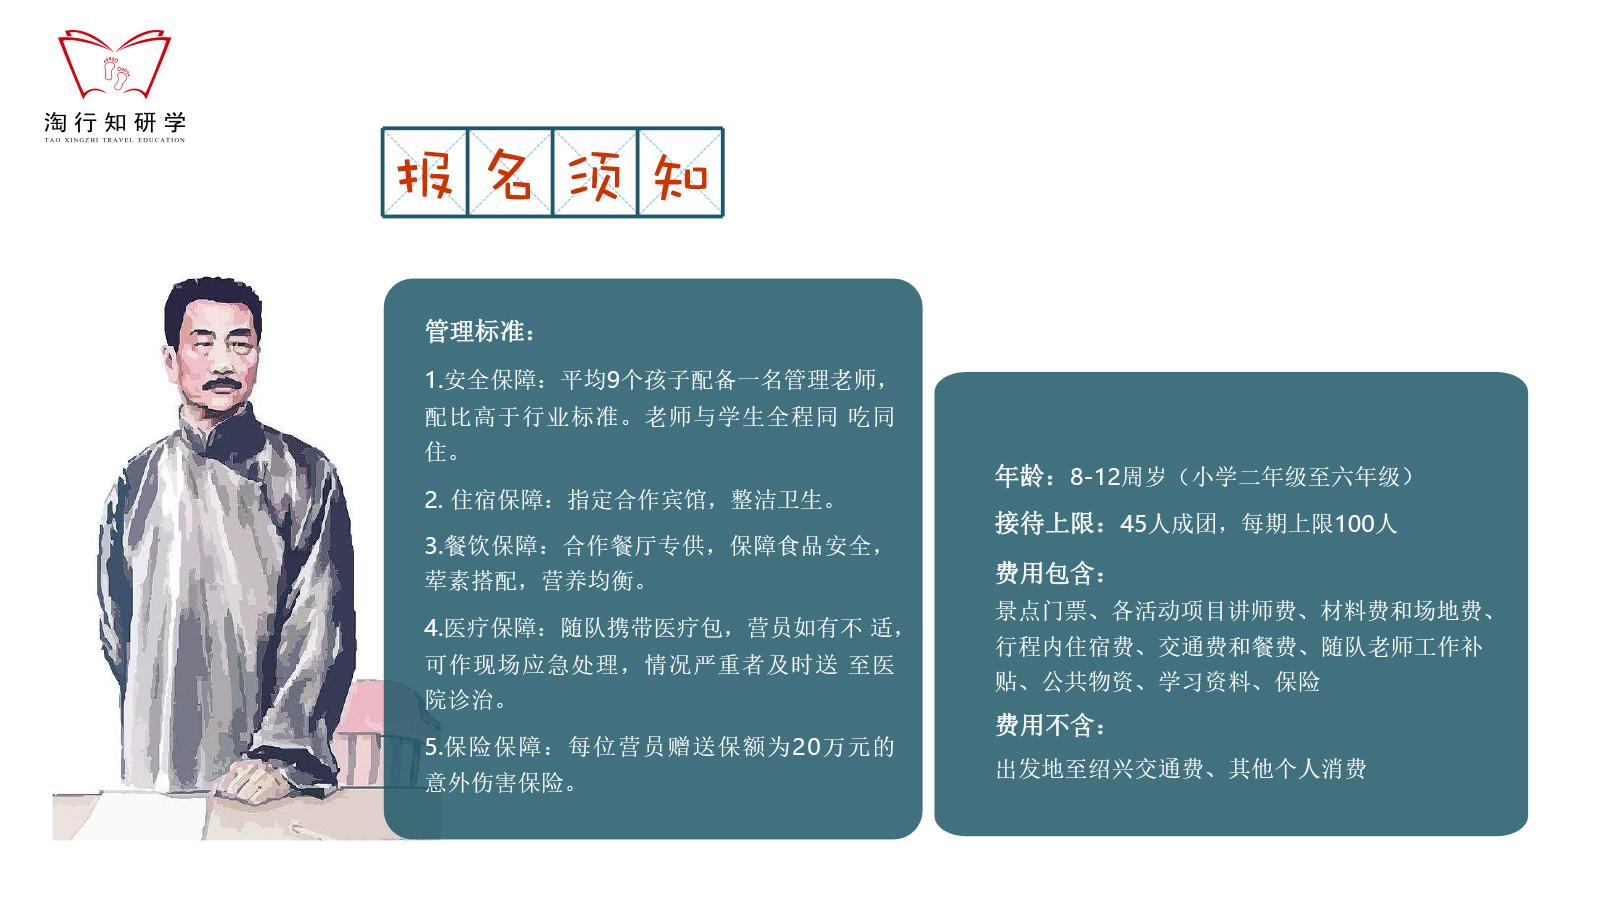 跟着课本游绍兴-鲁迅故里-兰亭-1-12